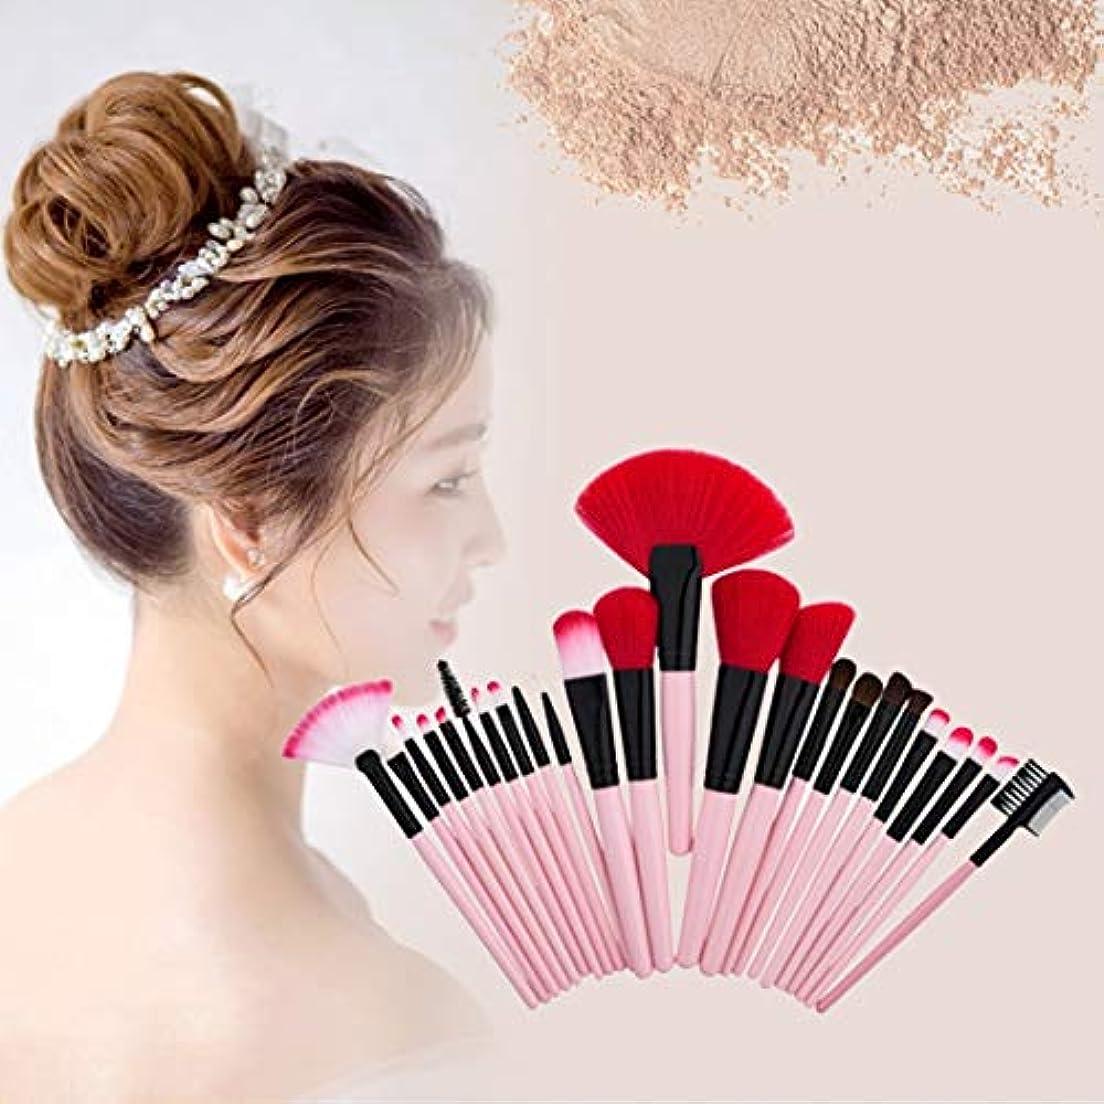 血統繰り返すトランクMEI1JIA 1個のウッドハンドルメイクブラシ化粧用ファンデーションクリームパウダーブラッシュメイクアップツールセットでQUELLIA 24(ピンク) (色 : ピンク)